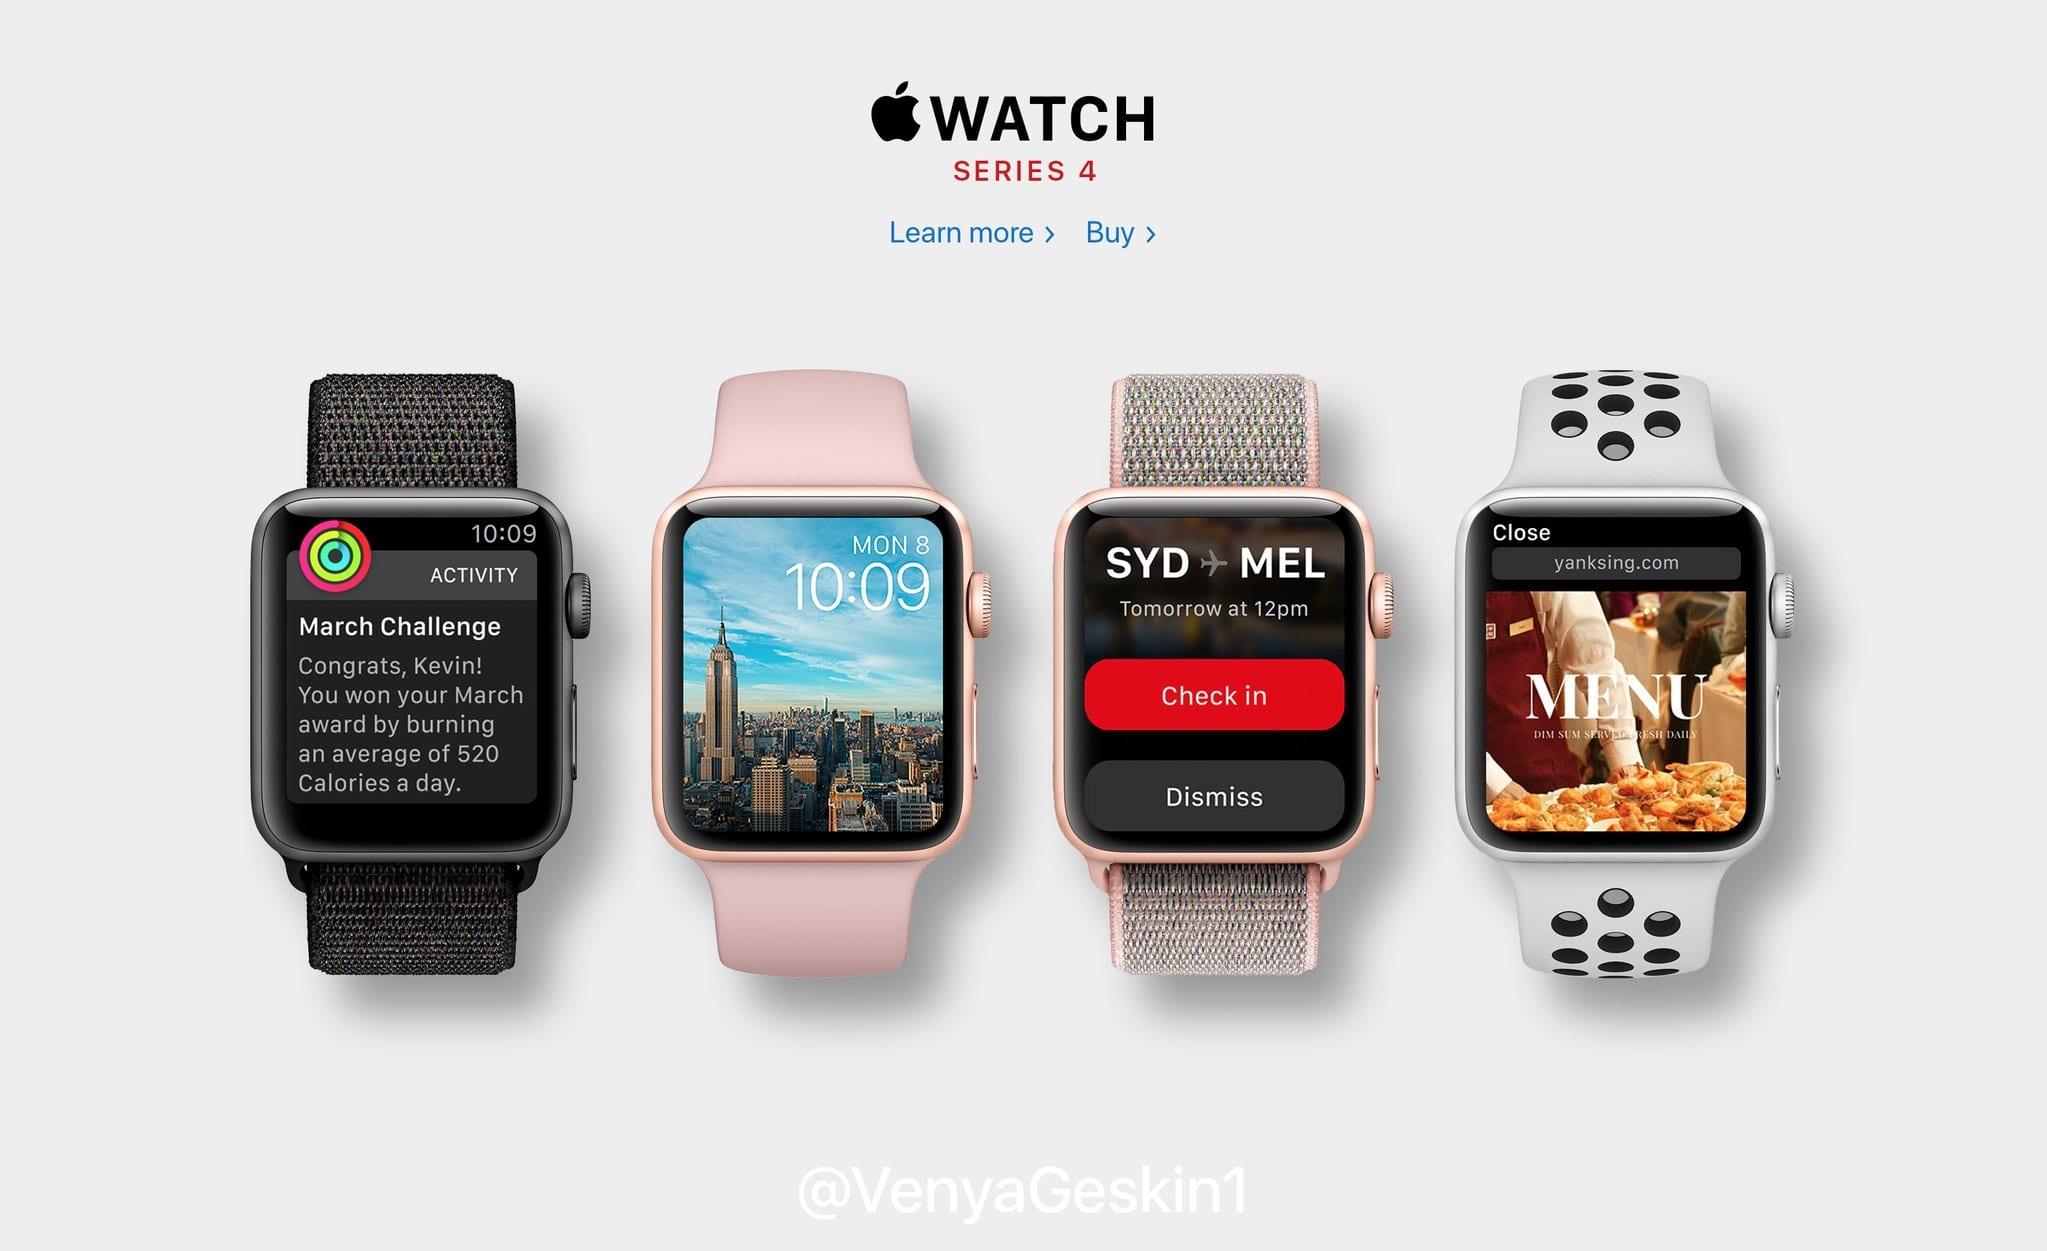 apple watch series4 geskin2 - Ako by mohli vyzerať Apple Watch Series 4 s väčším displejom